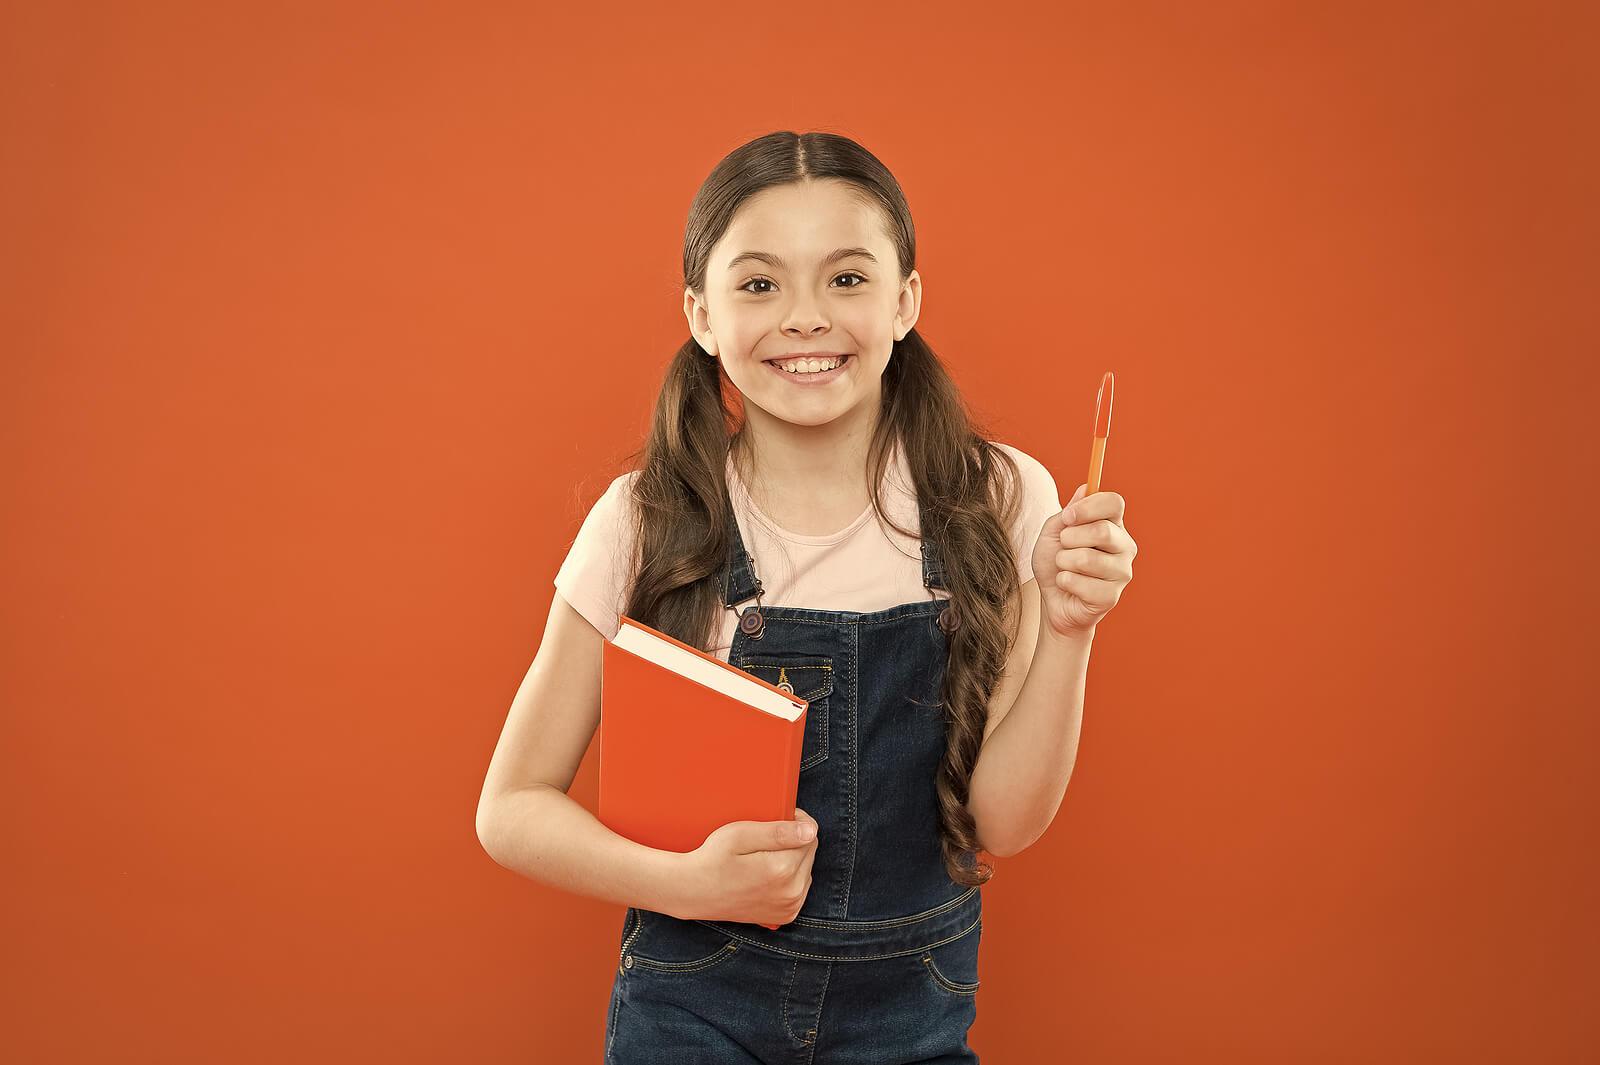 Niña contenta con su nueva agenda escolar.